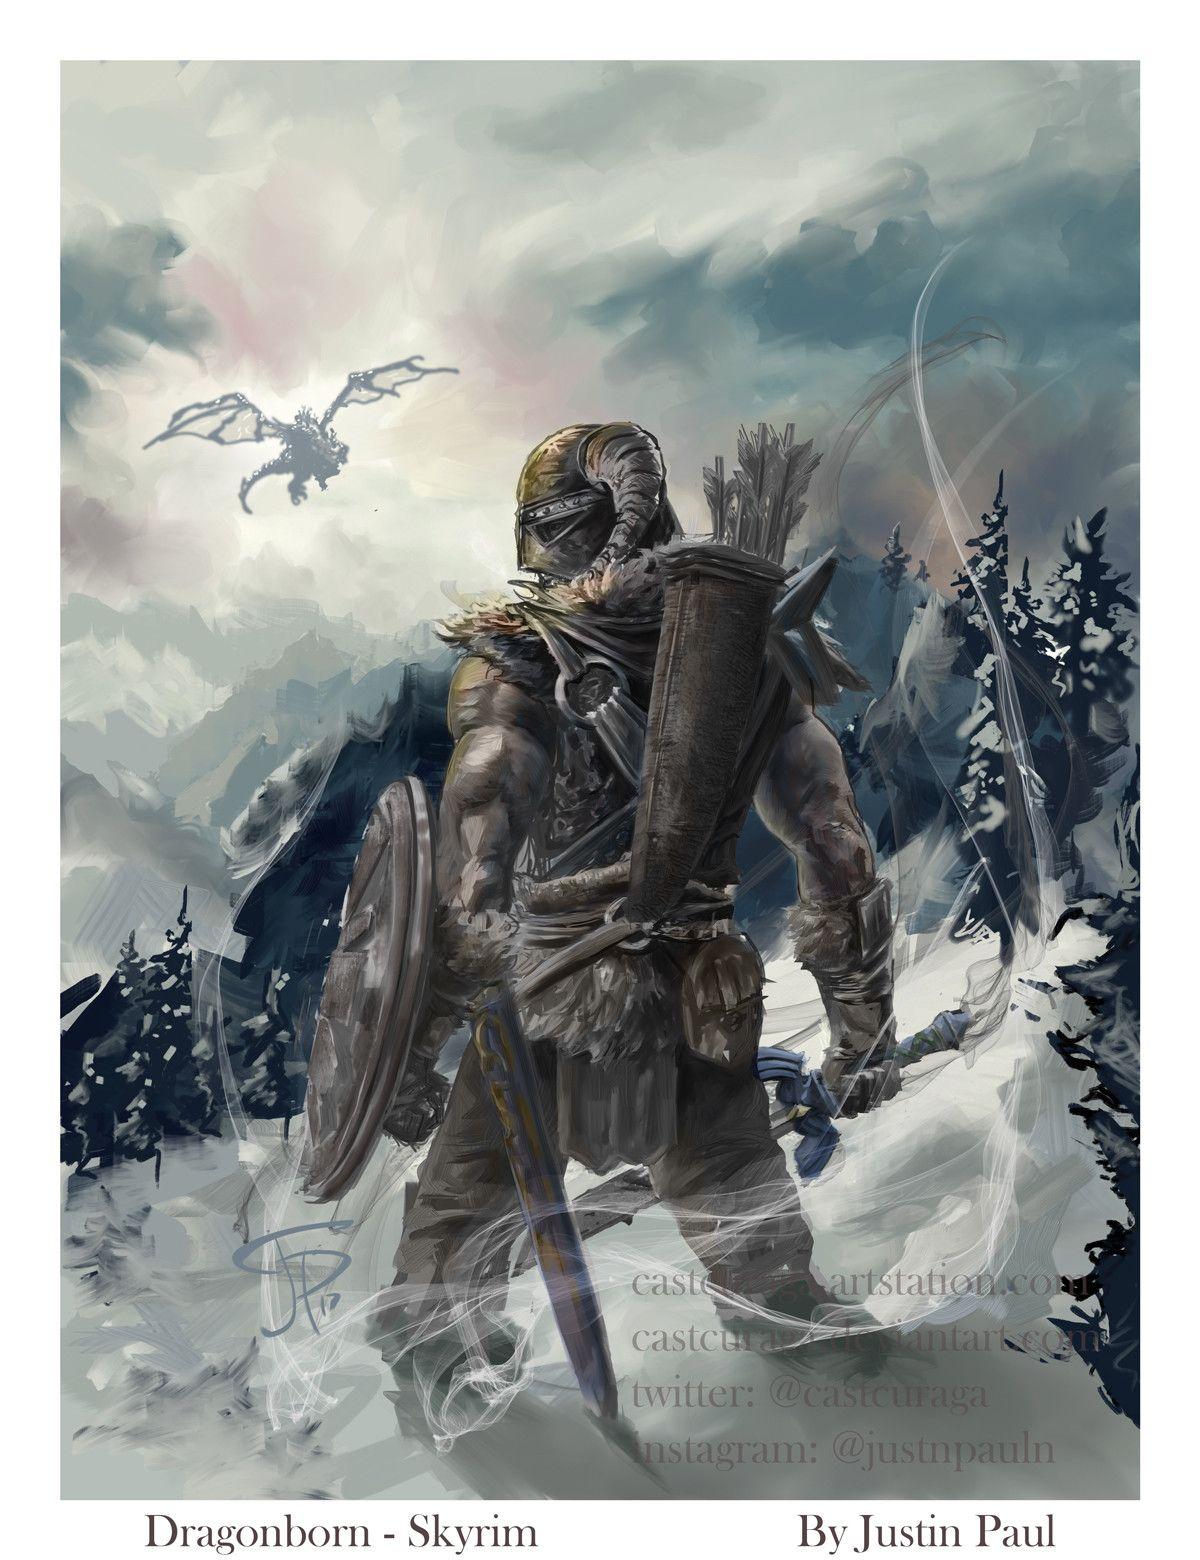 ArtStation - Dragonborn - Skyrim ( Switch Player magazine